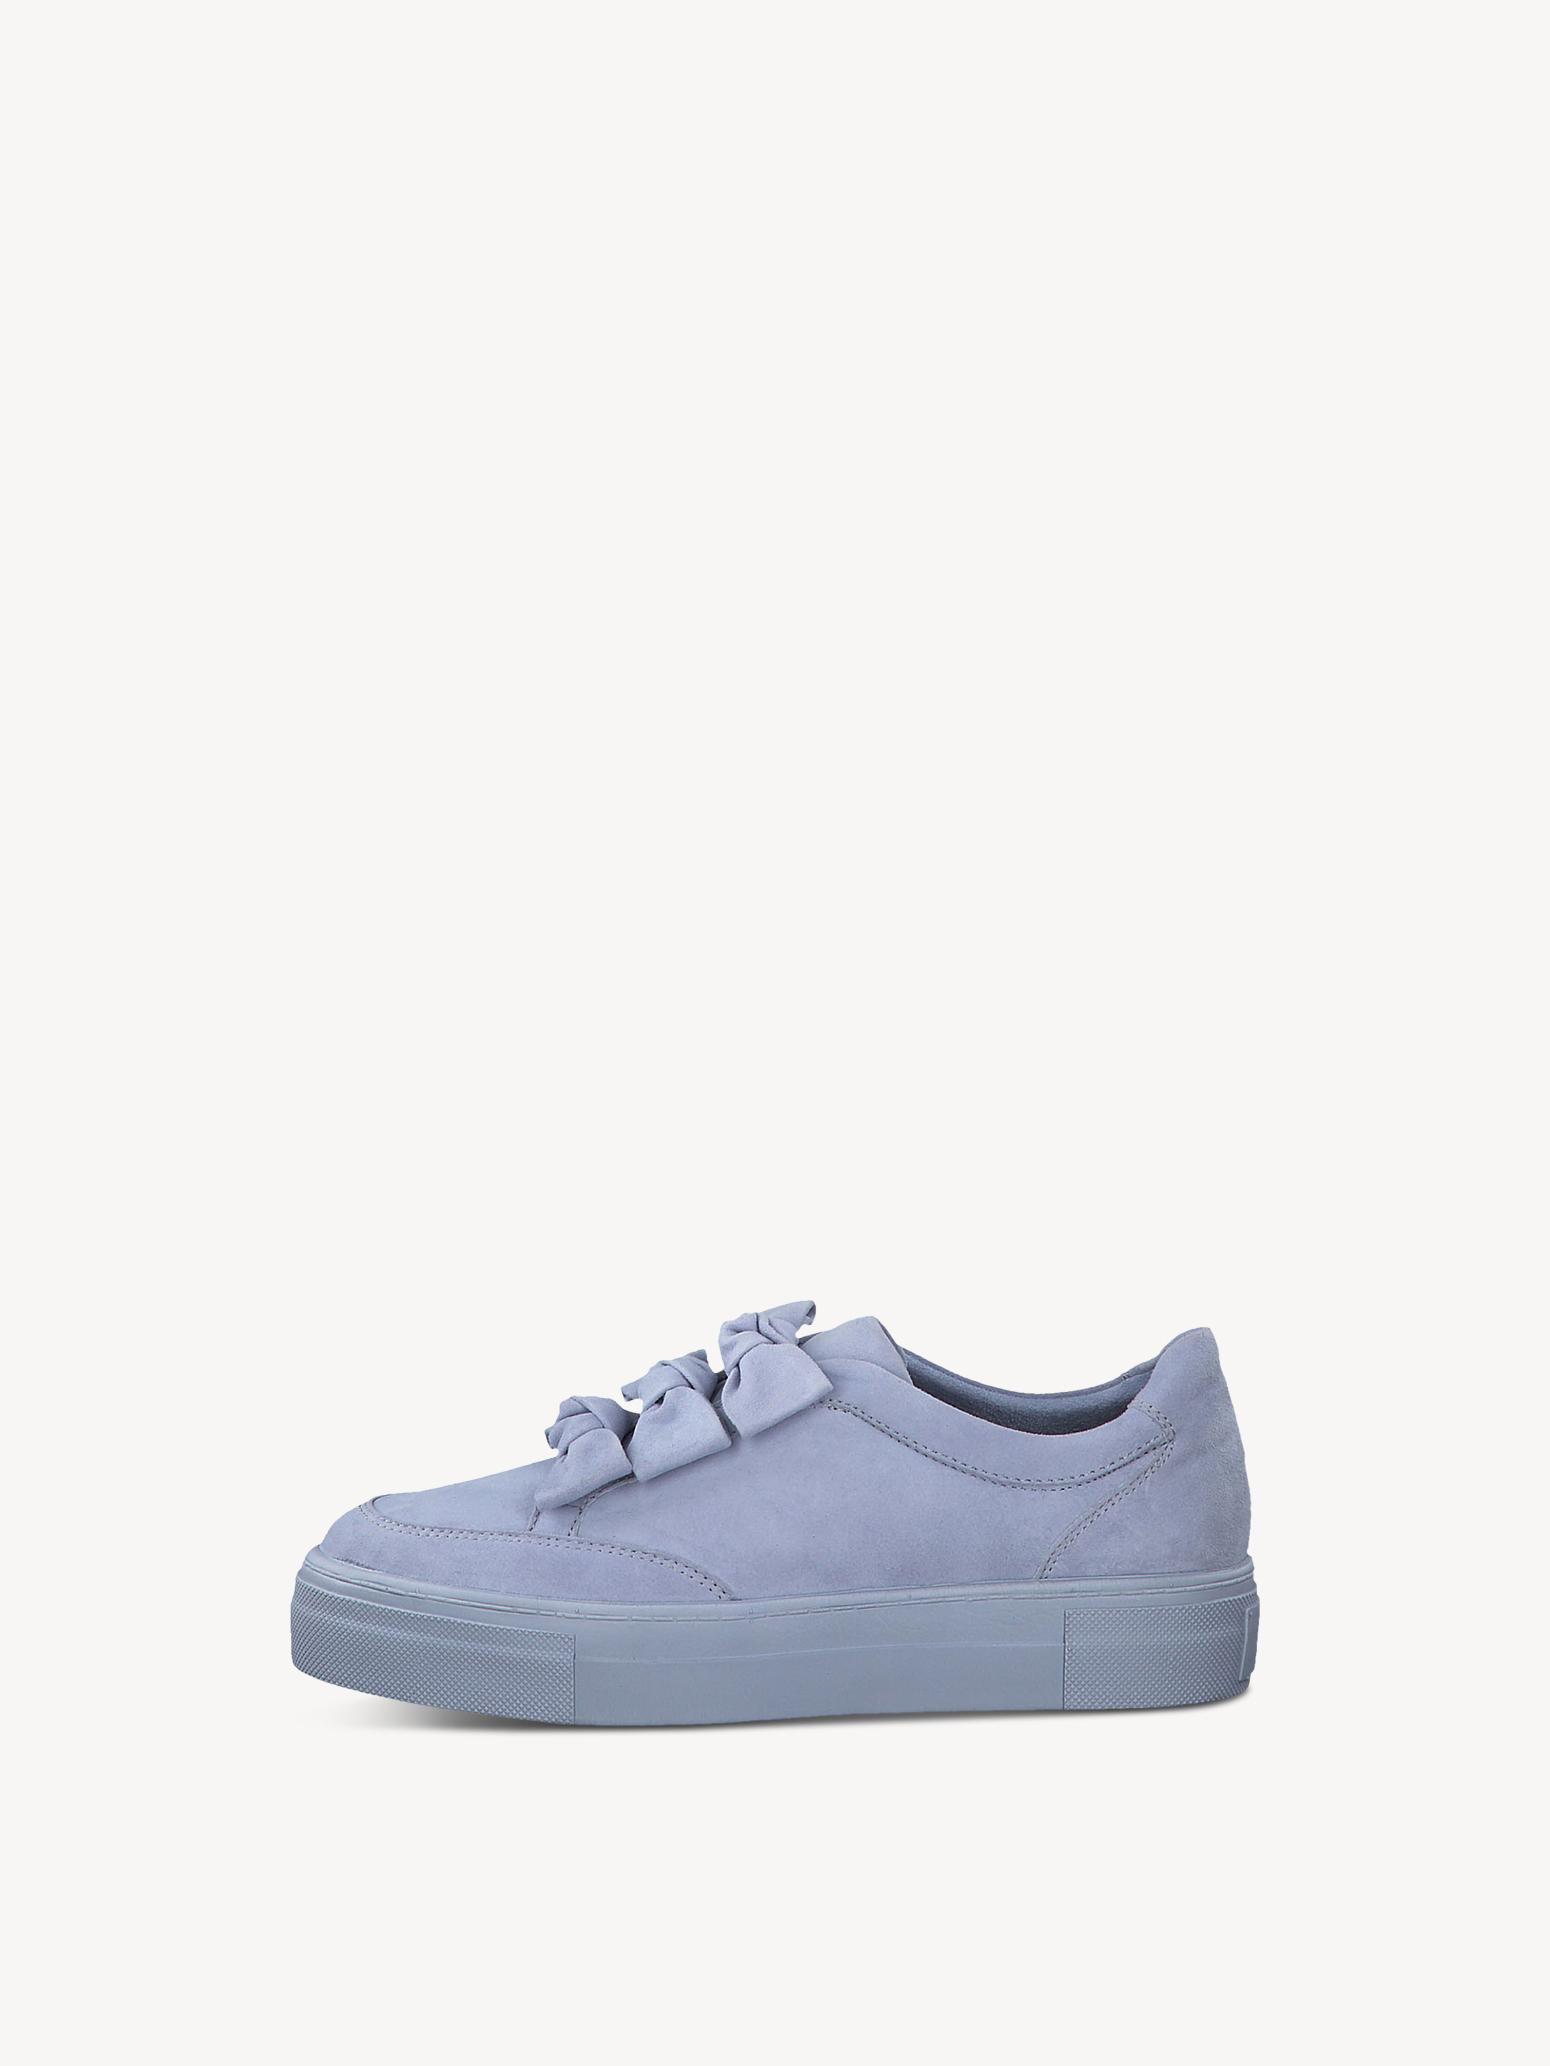 Tamaris Online 22Buy Buttercup 24703 Sneakers 1 USzGqMVp